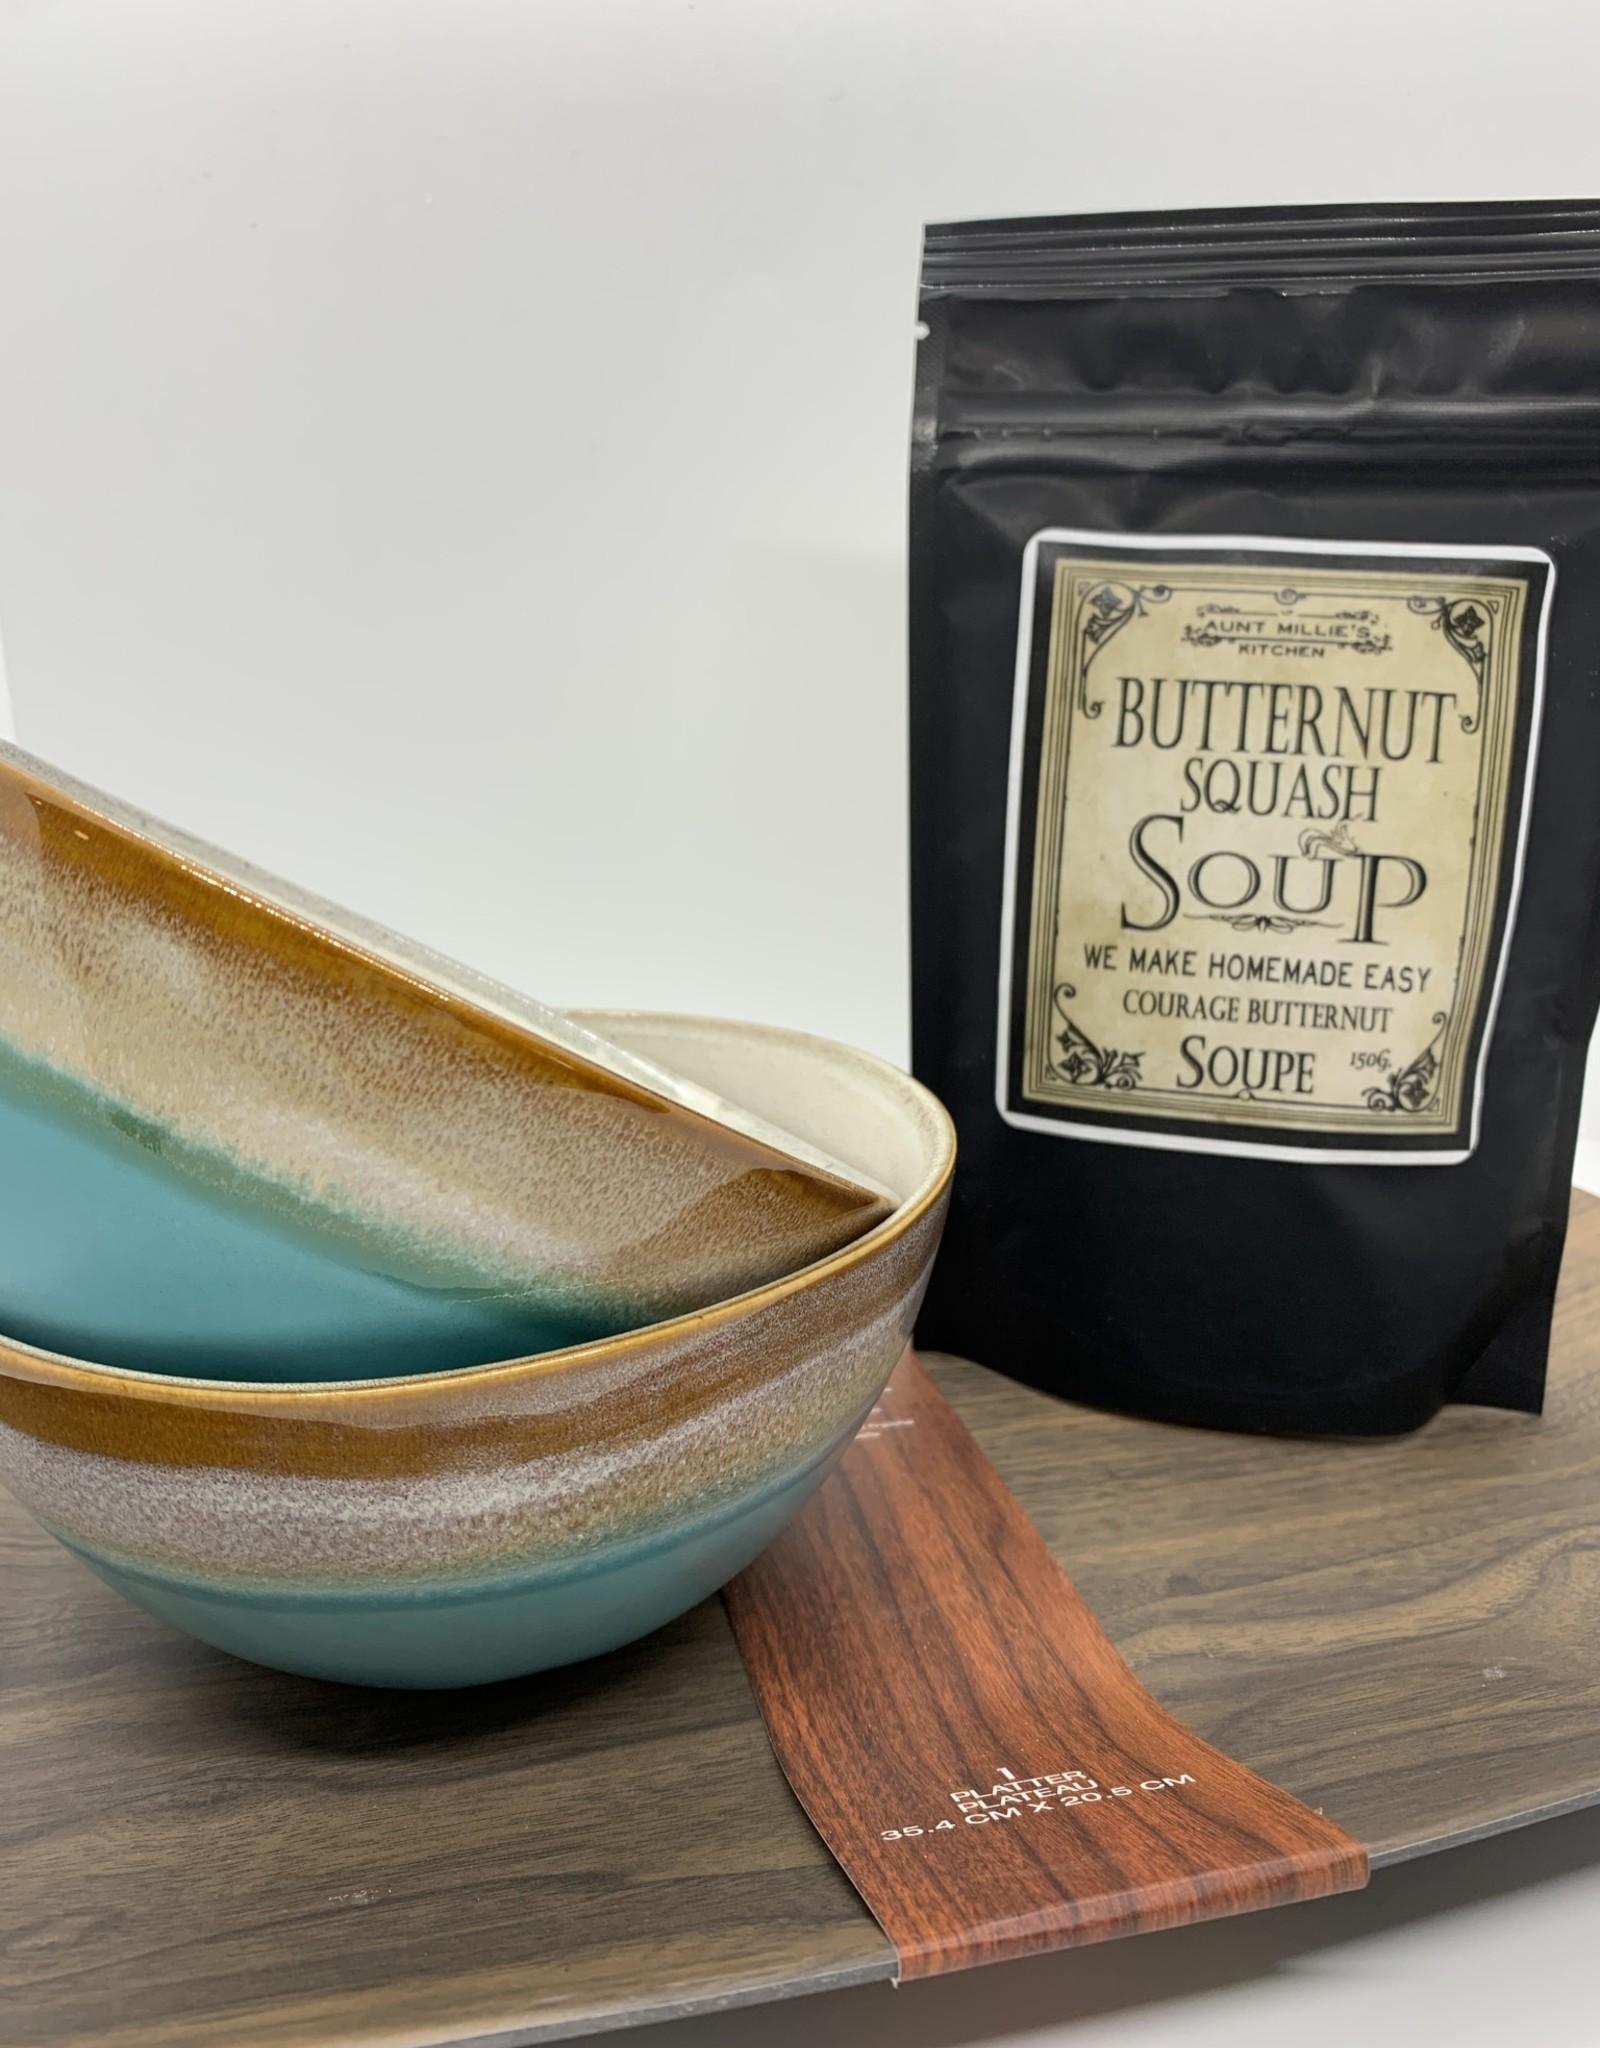 Aunt Millies Kitchen Butternut Squash 6 cup (Vegetarian)